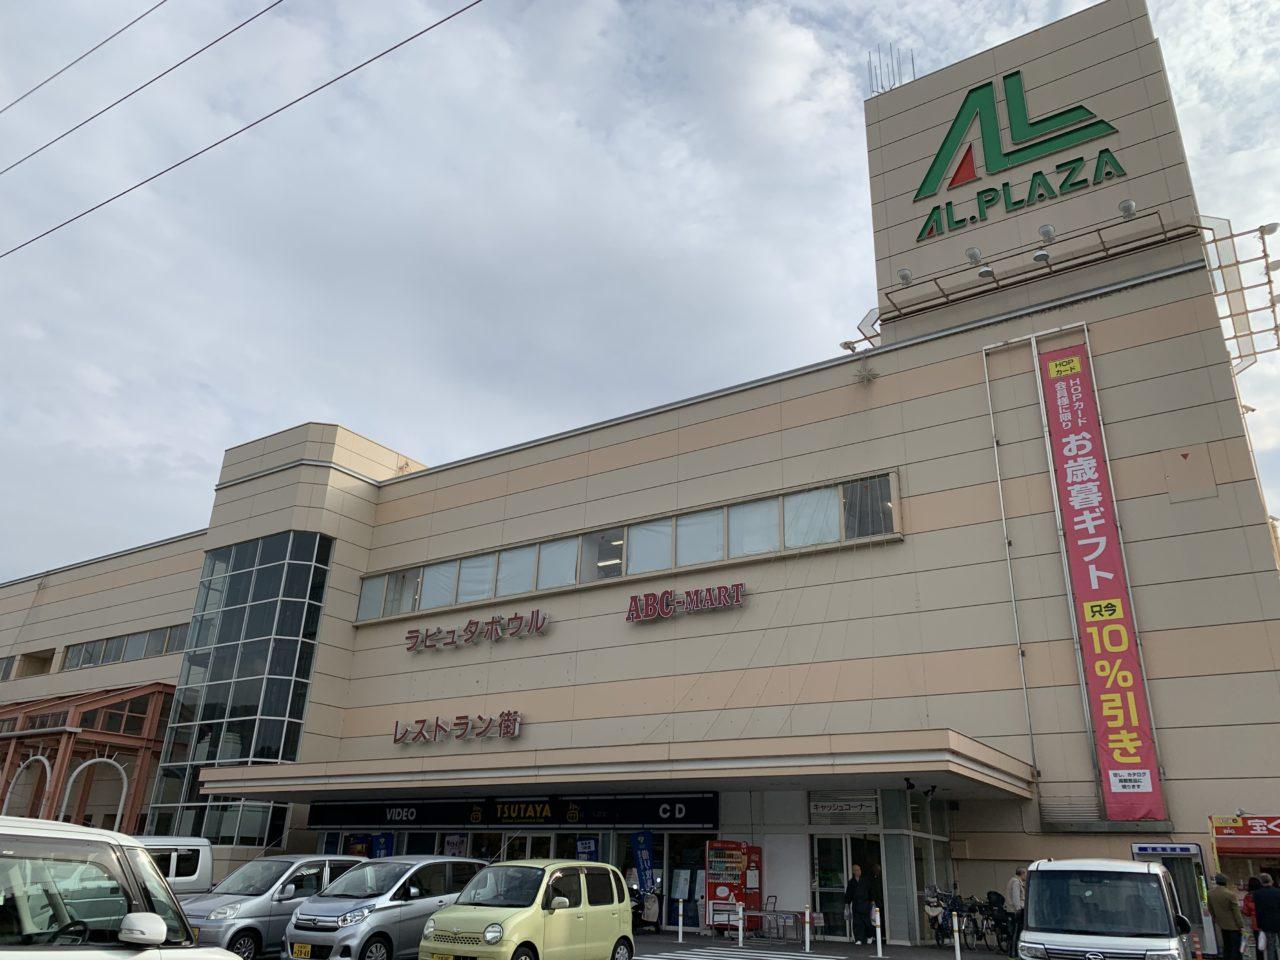 平和書店 アル・プラザ宇治東店の画像